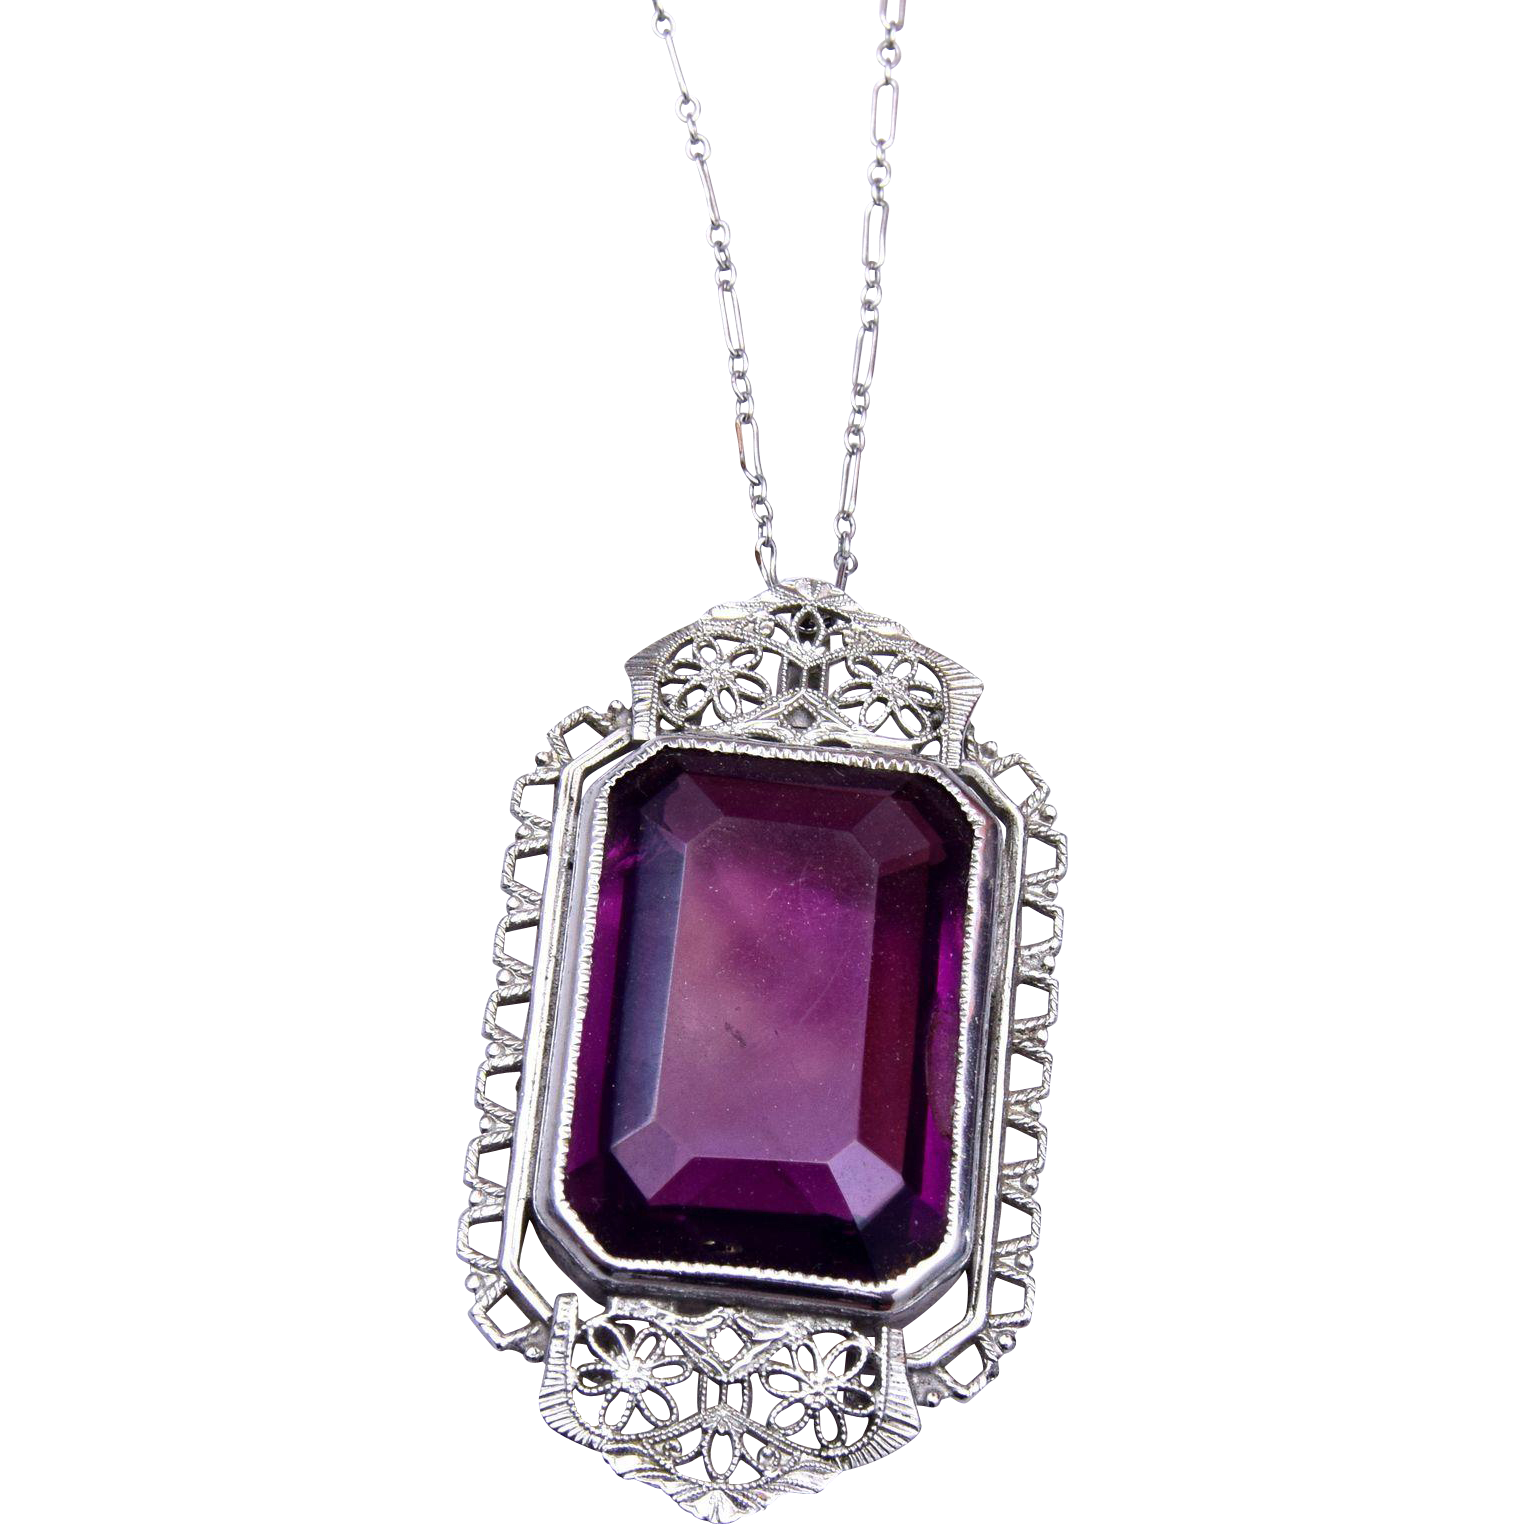 S.O. Bigney Co. Purple Filigree and Paper Clip Chain Necklace